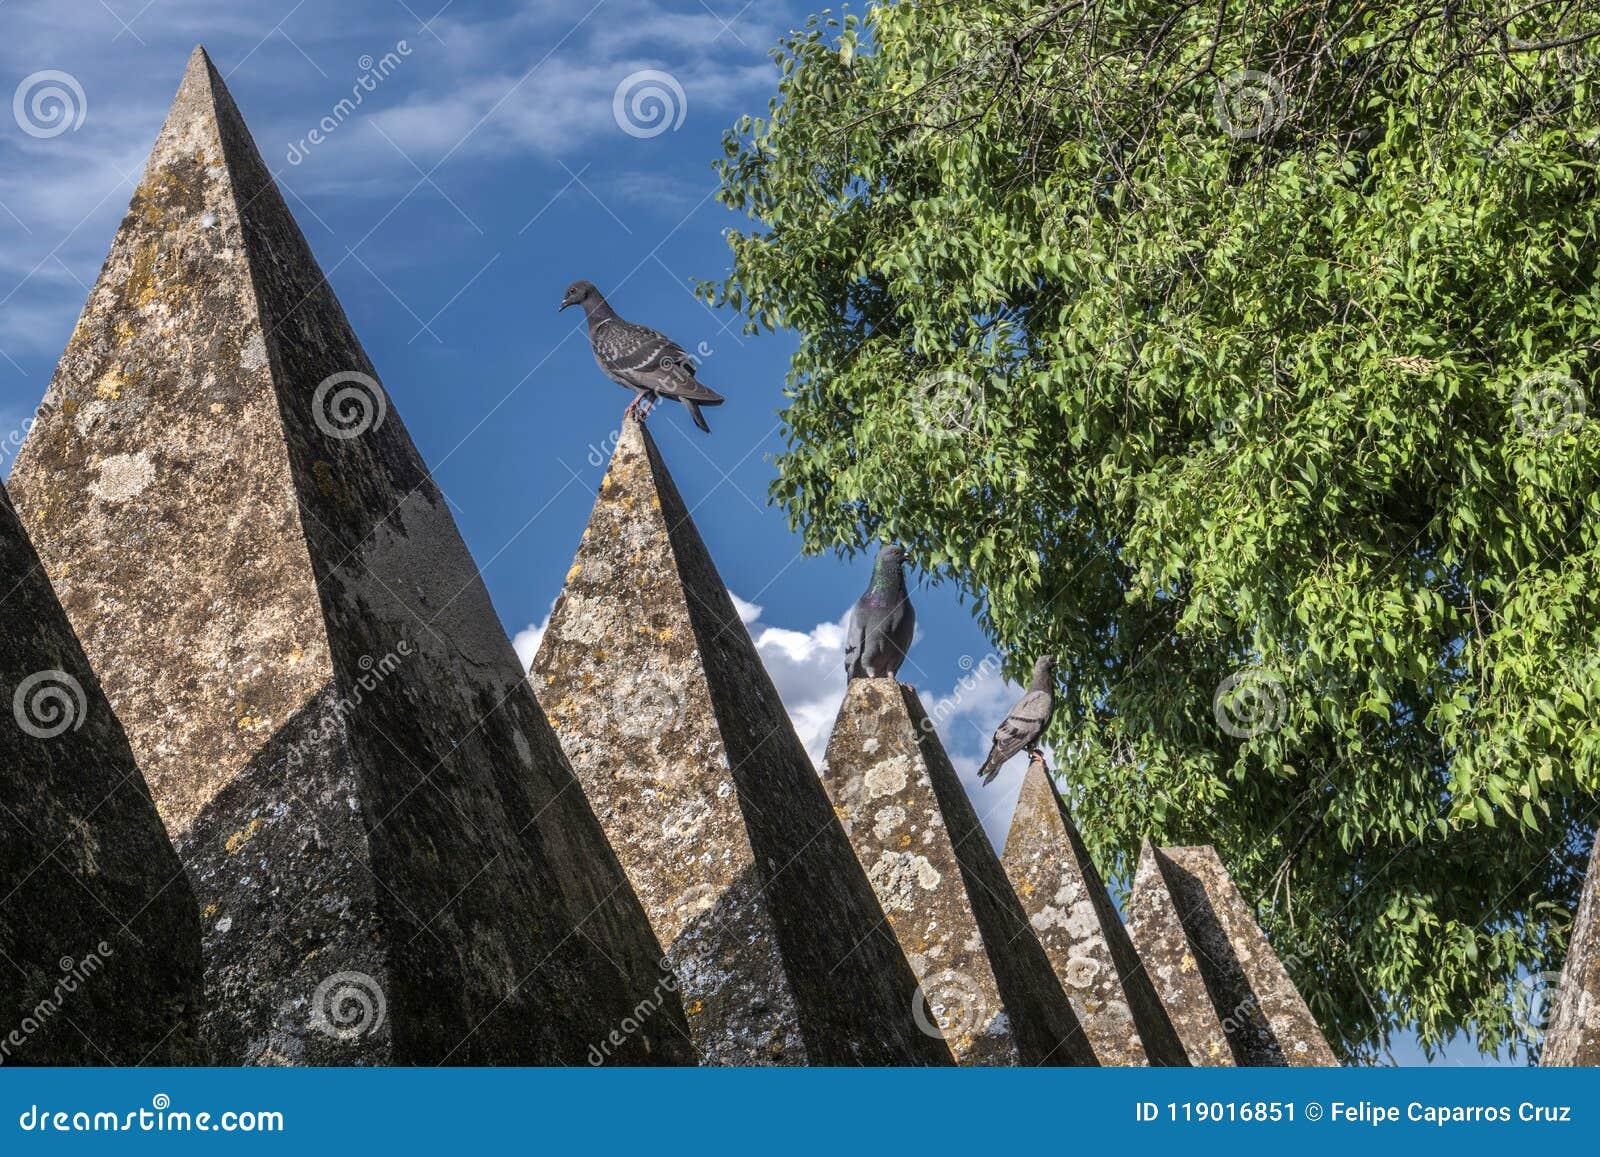 varias palomas encima de las cornisas del castillo es una fortaleza